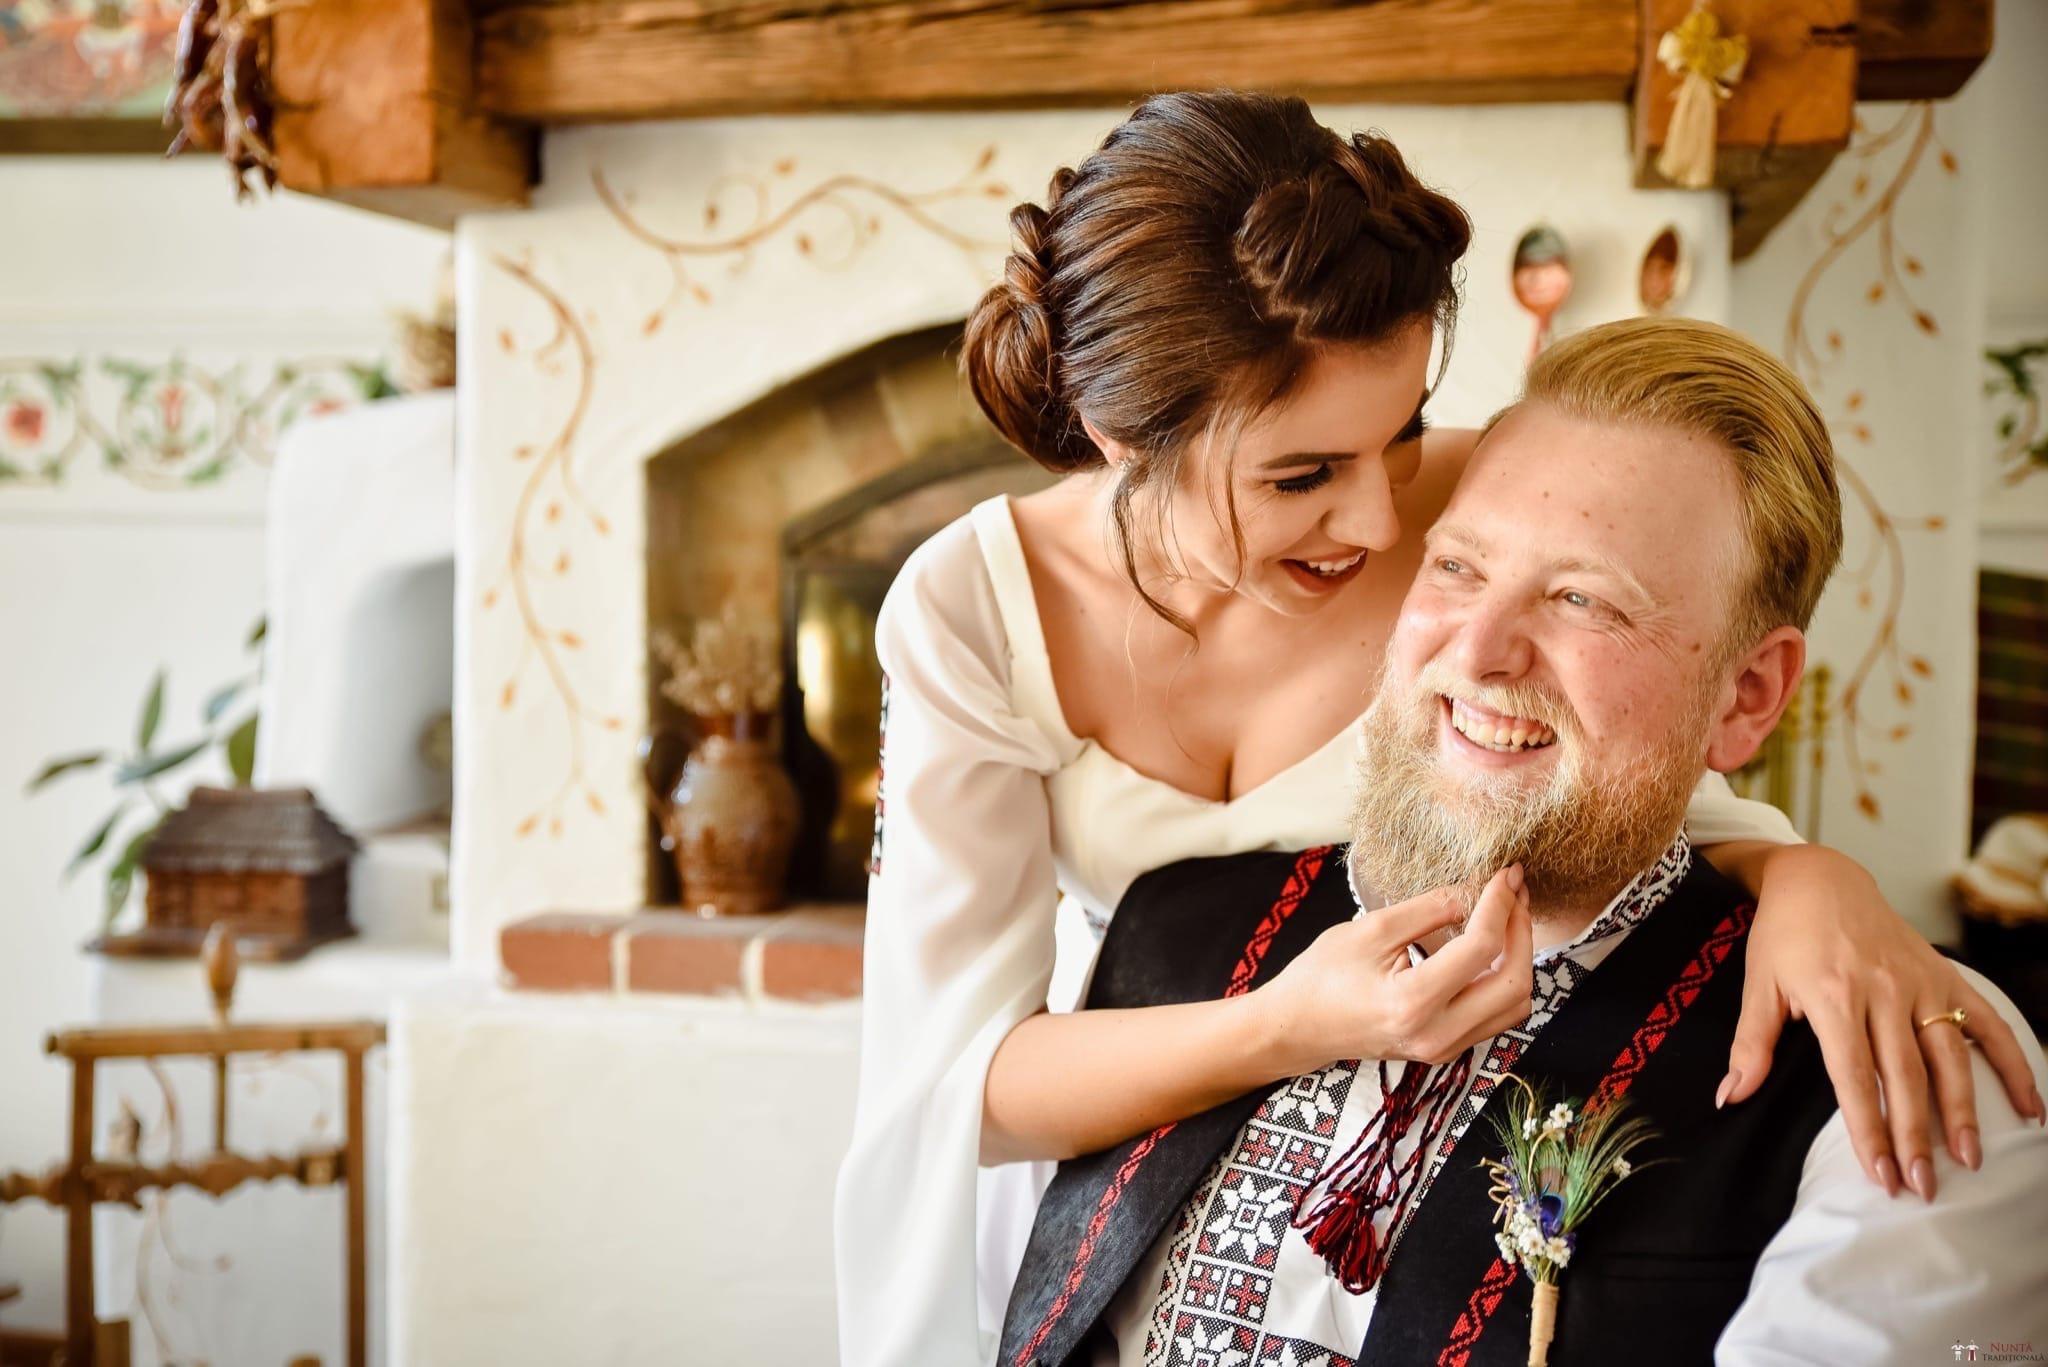 Povești Nunți Tradiționale - Georgiana și Andrei, nuntă tradițională în Iași 14